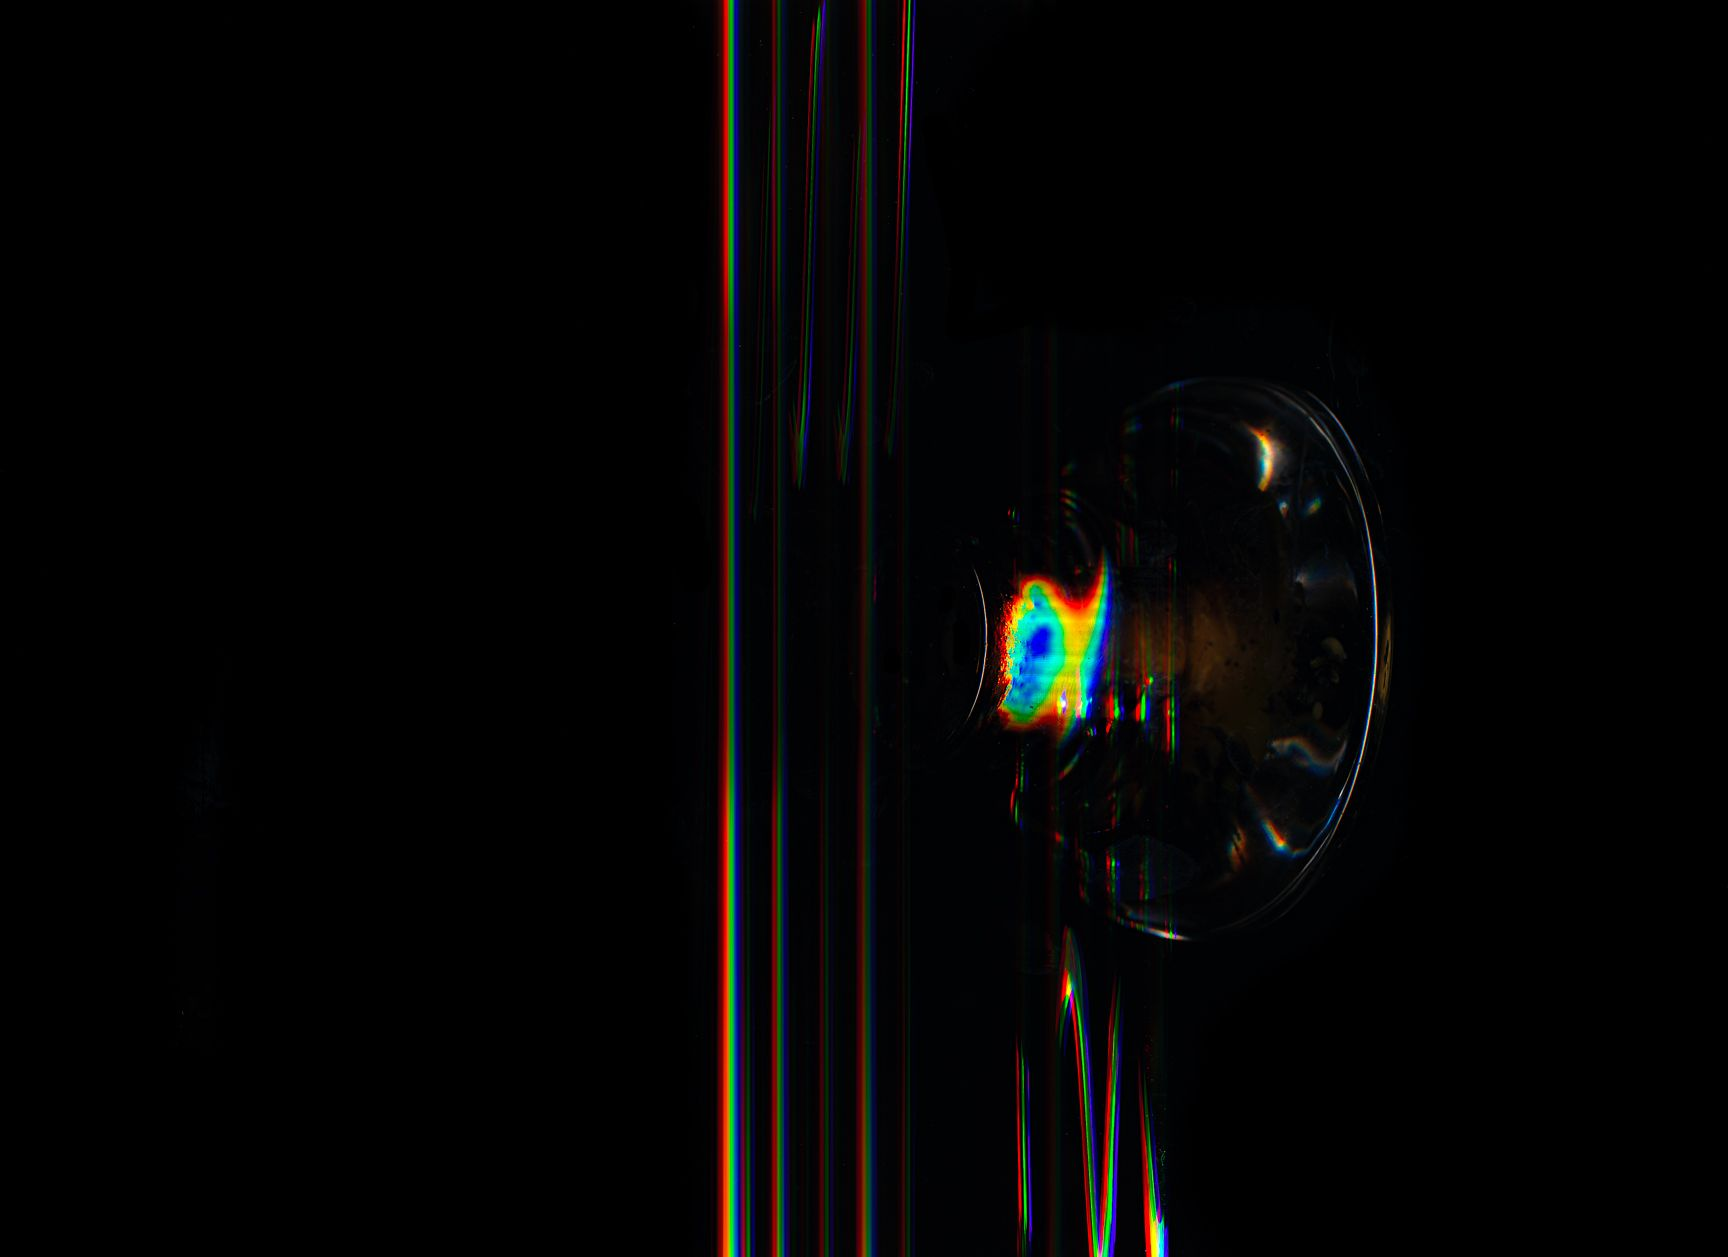 11.20.17 HRZ scanographs_20171124_0032.jpg